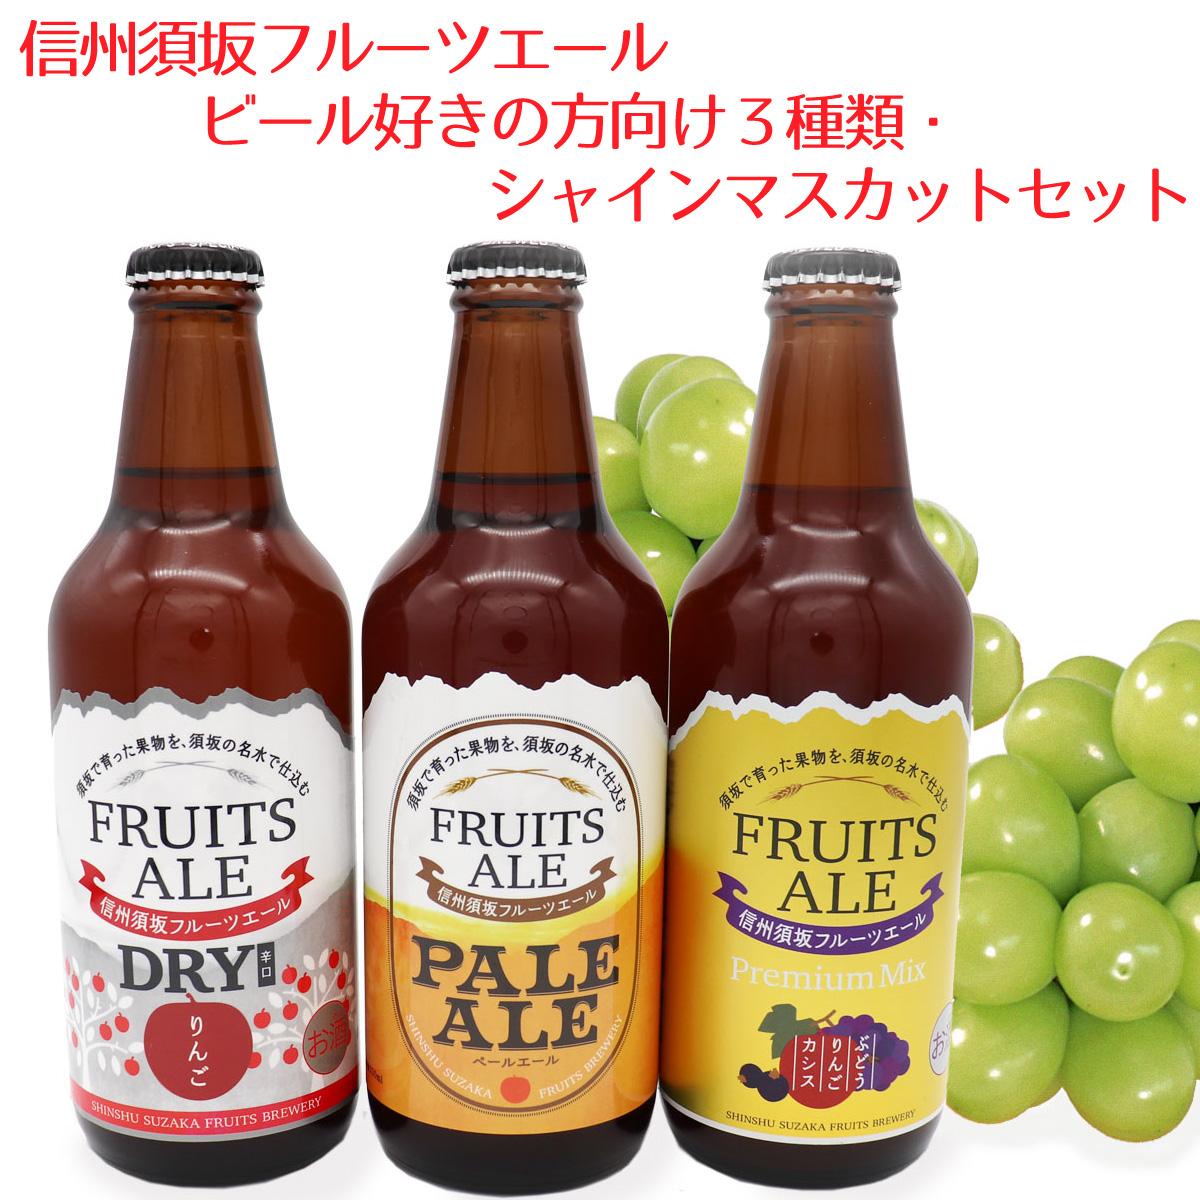 【ふるさと納税】信州須坂フルーツエールビール好きの方向け3種類・シャインマスカット2房セット【お酒・フルーツビール・ぶどう】